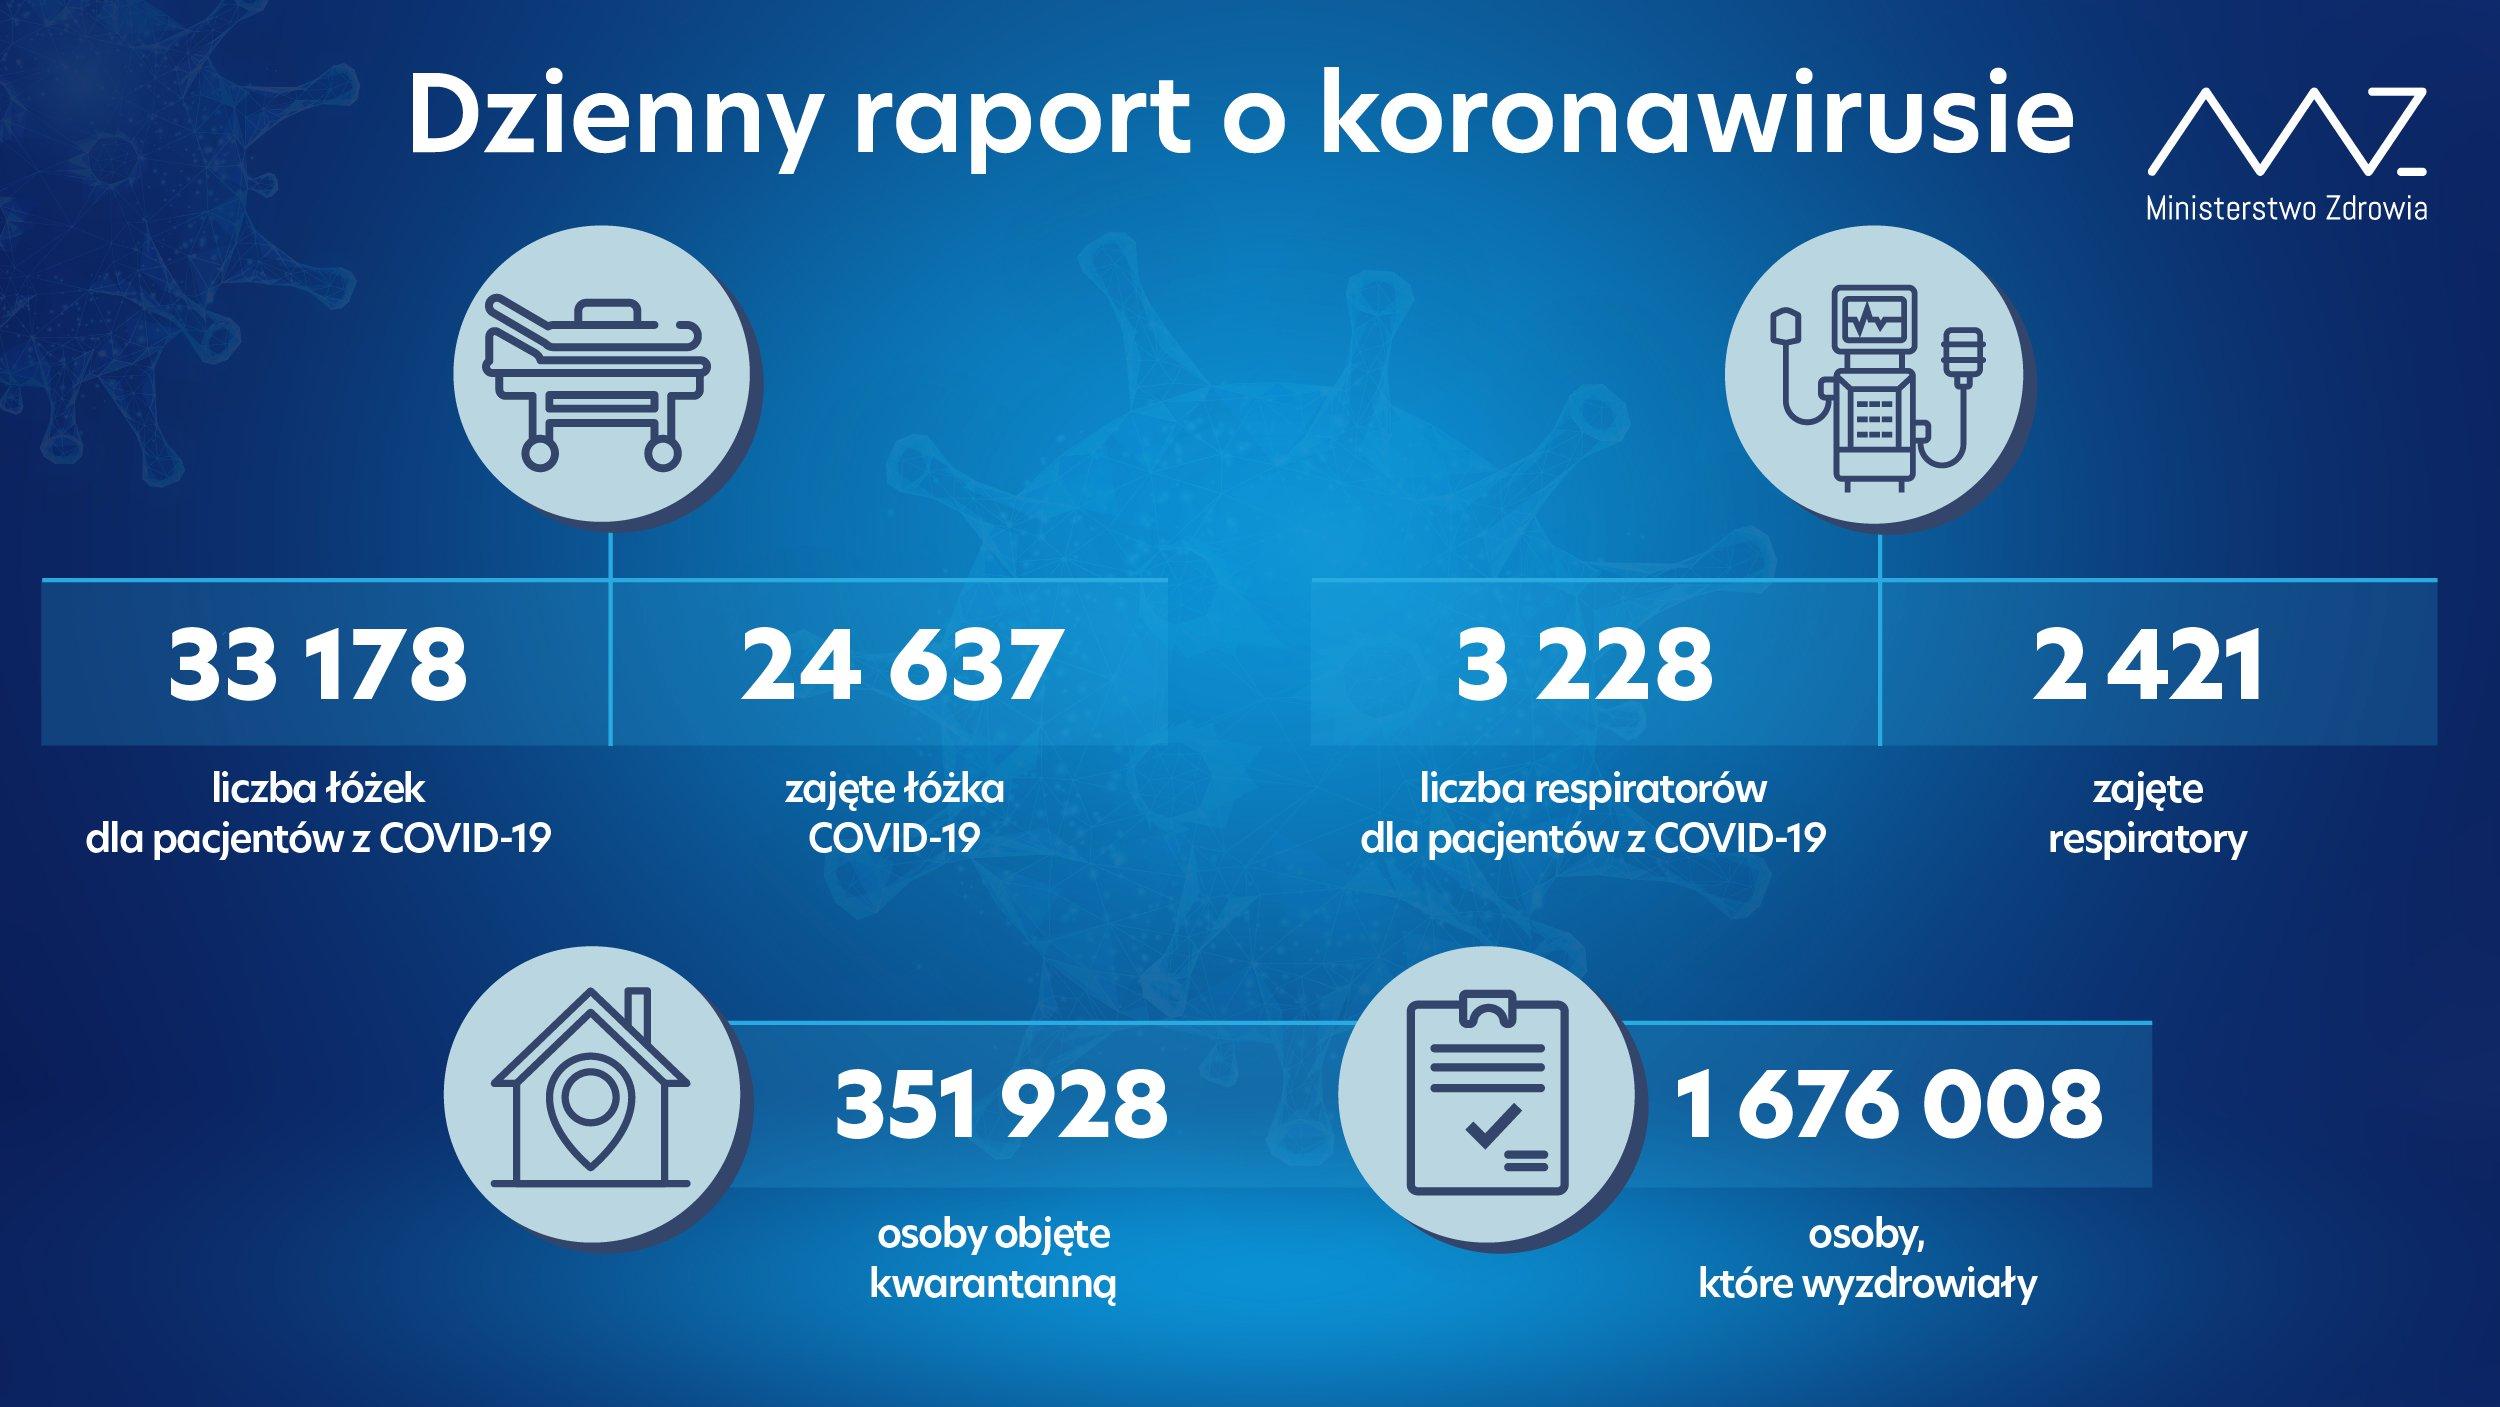 - liczba łóżek dla pacjentów z COVID-19: 33 178 - liczba łóżek zajętych: 24 637 - liczba respiratorów dla pacjentów z COVID-19: 3 228 - liczba zajętych respiratorów: 2 421 - liczba osób objętych kwarantanną: 351 928 - liczba osób, które wyzdrowiały: 1 676 008